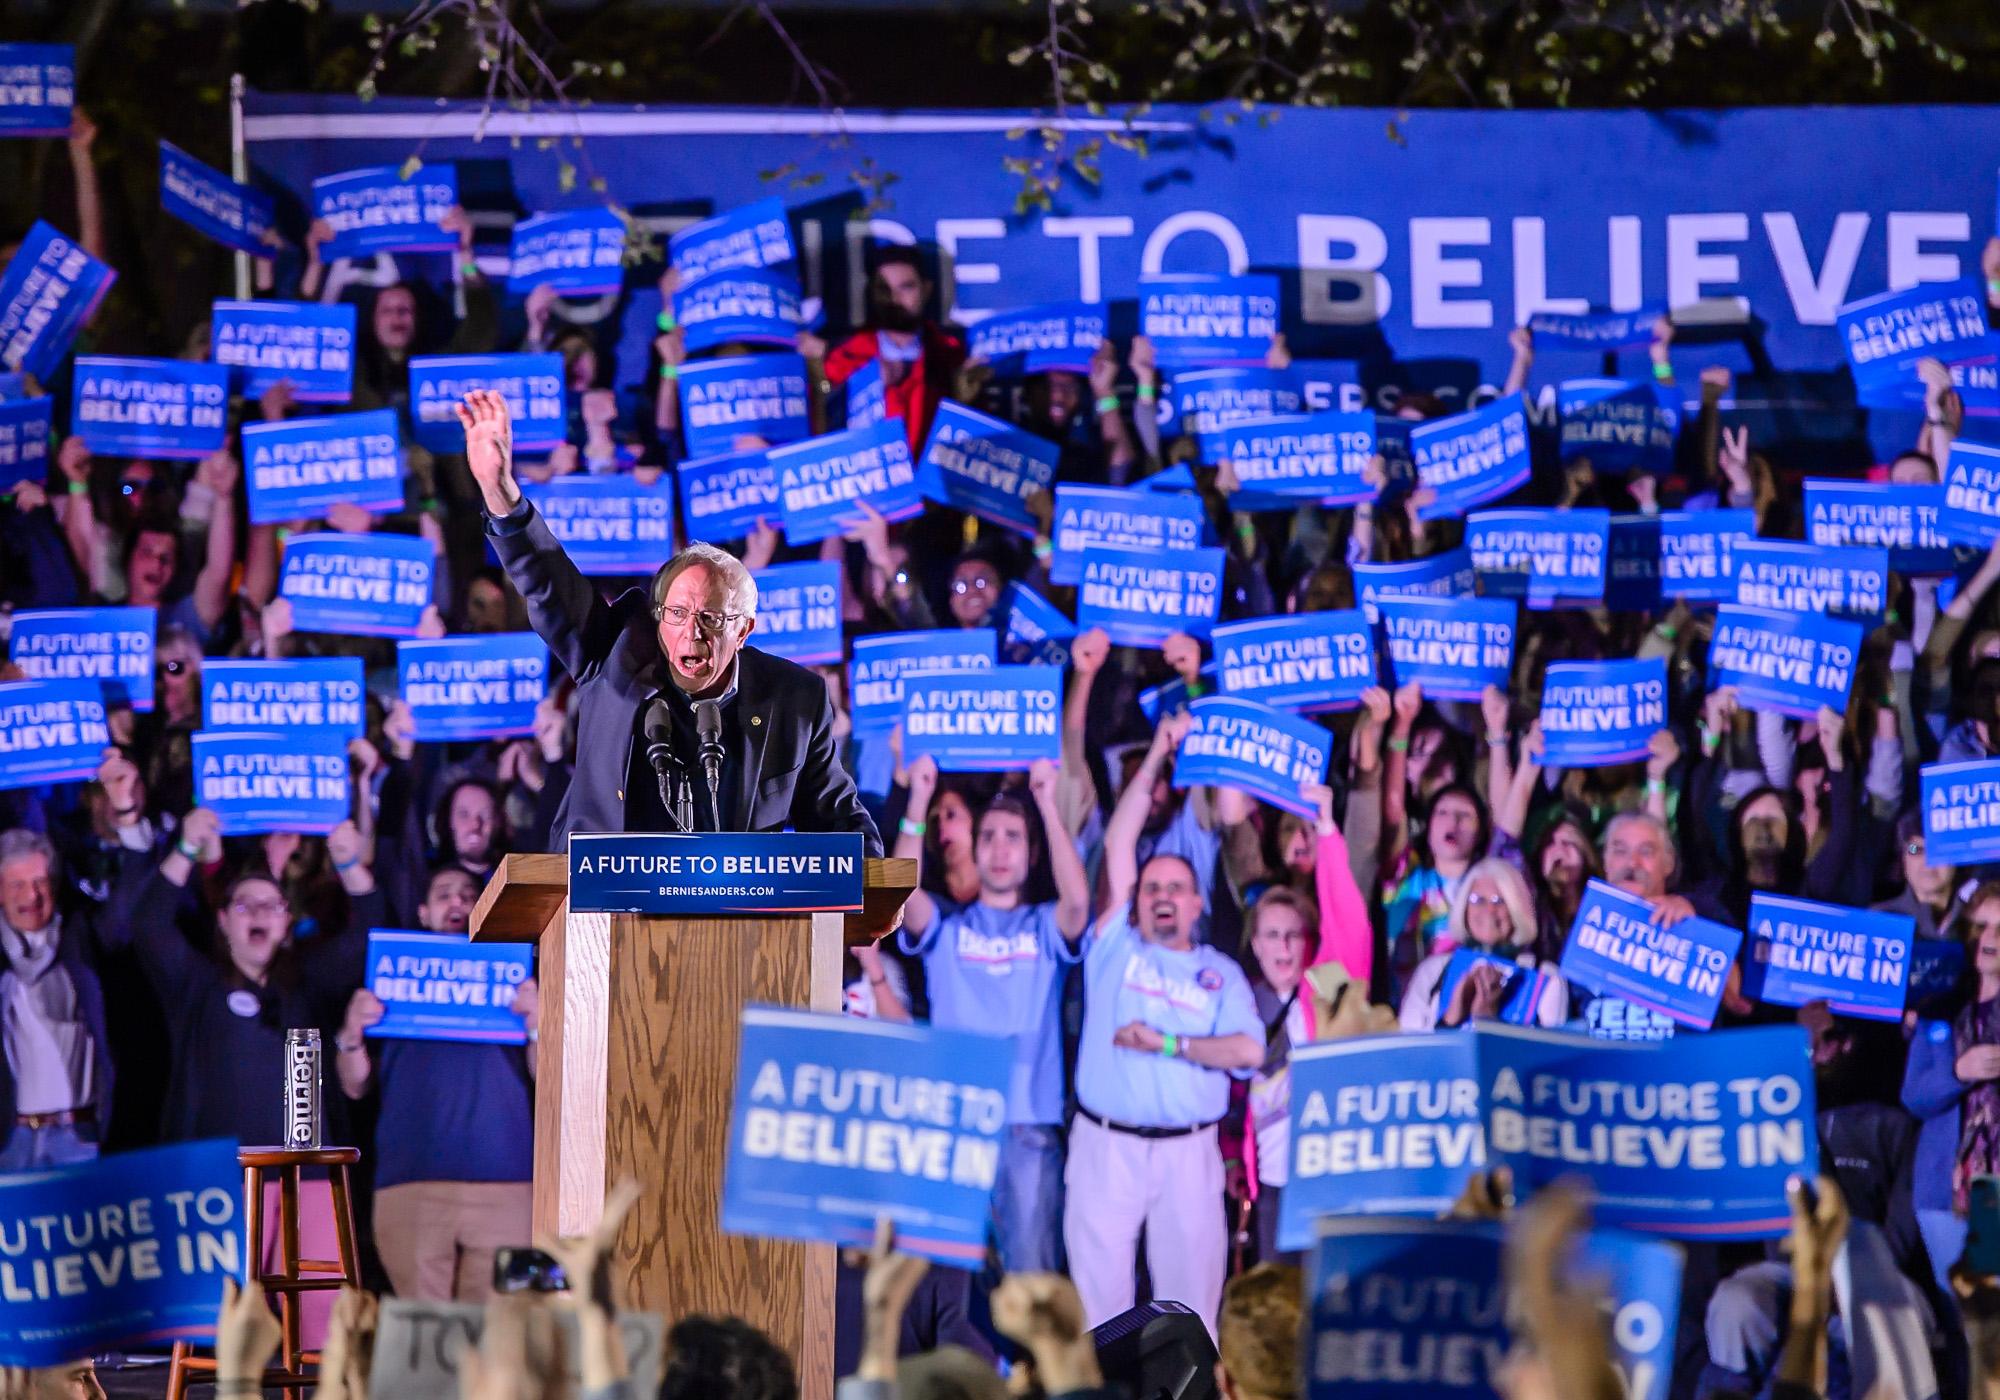 0545_blu_Bernie_Sanders_rally_inNewHaven.jpg